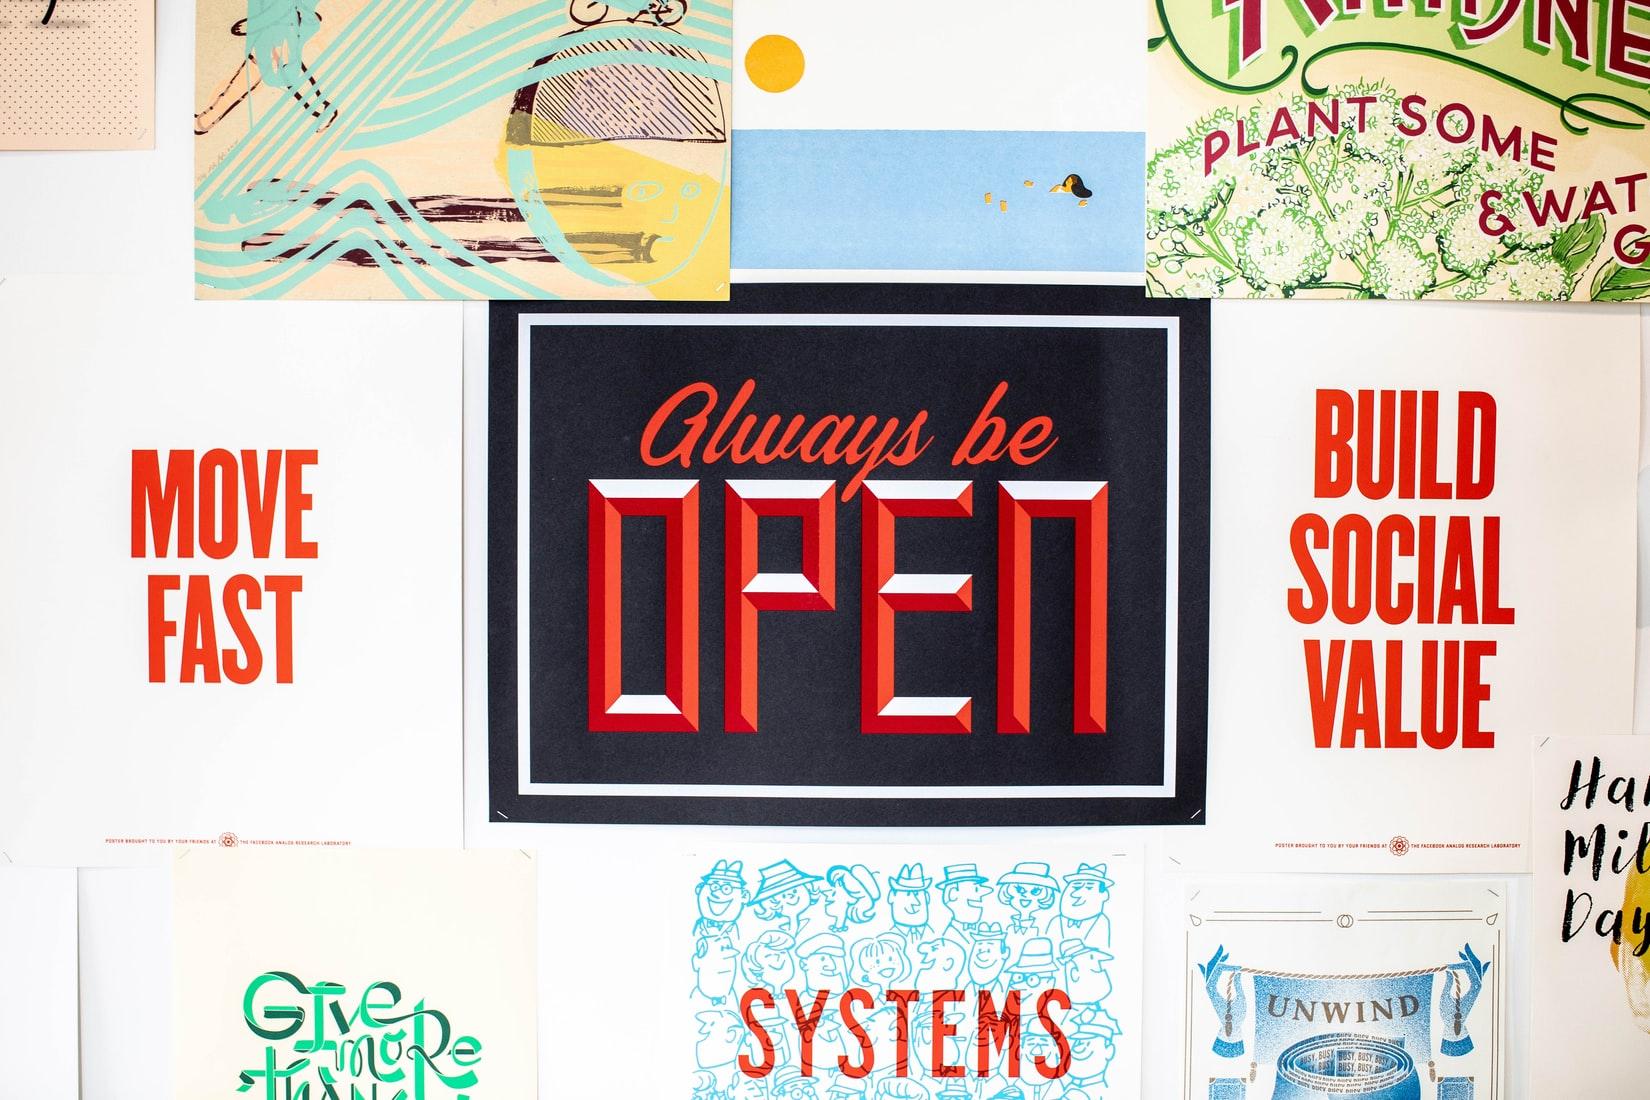 Always be open